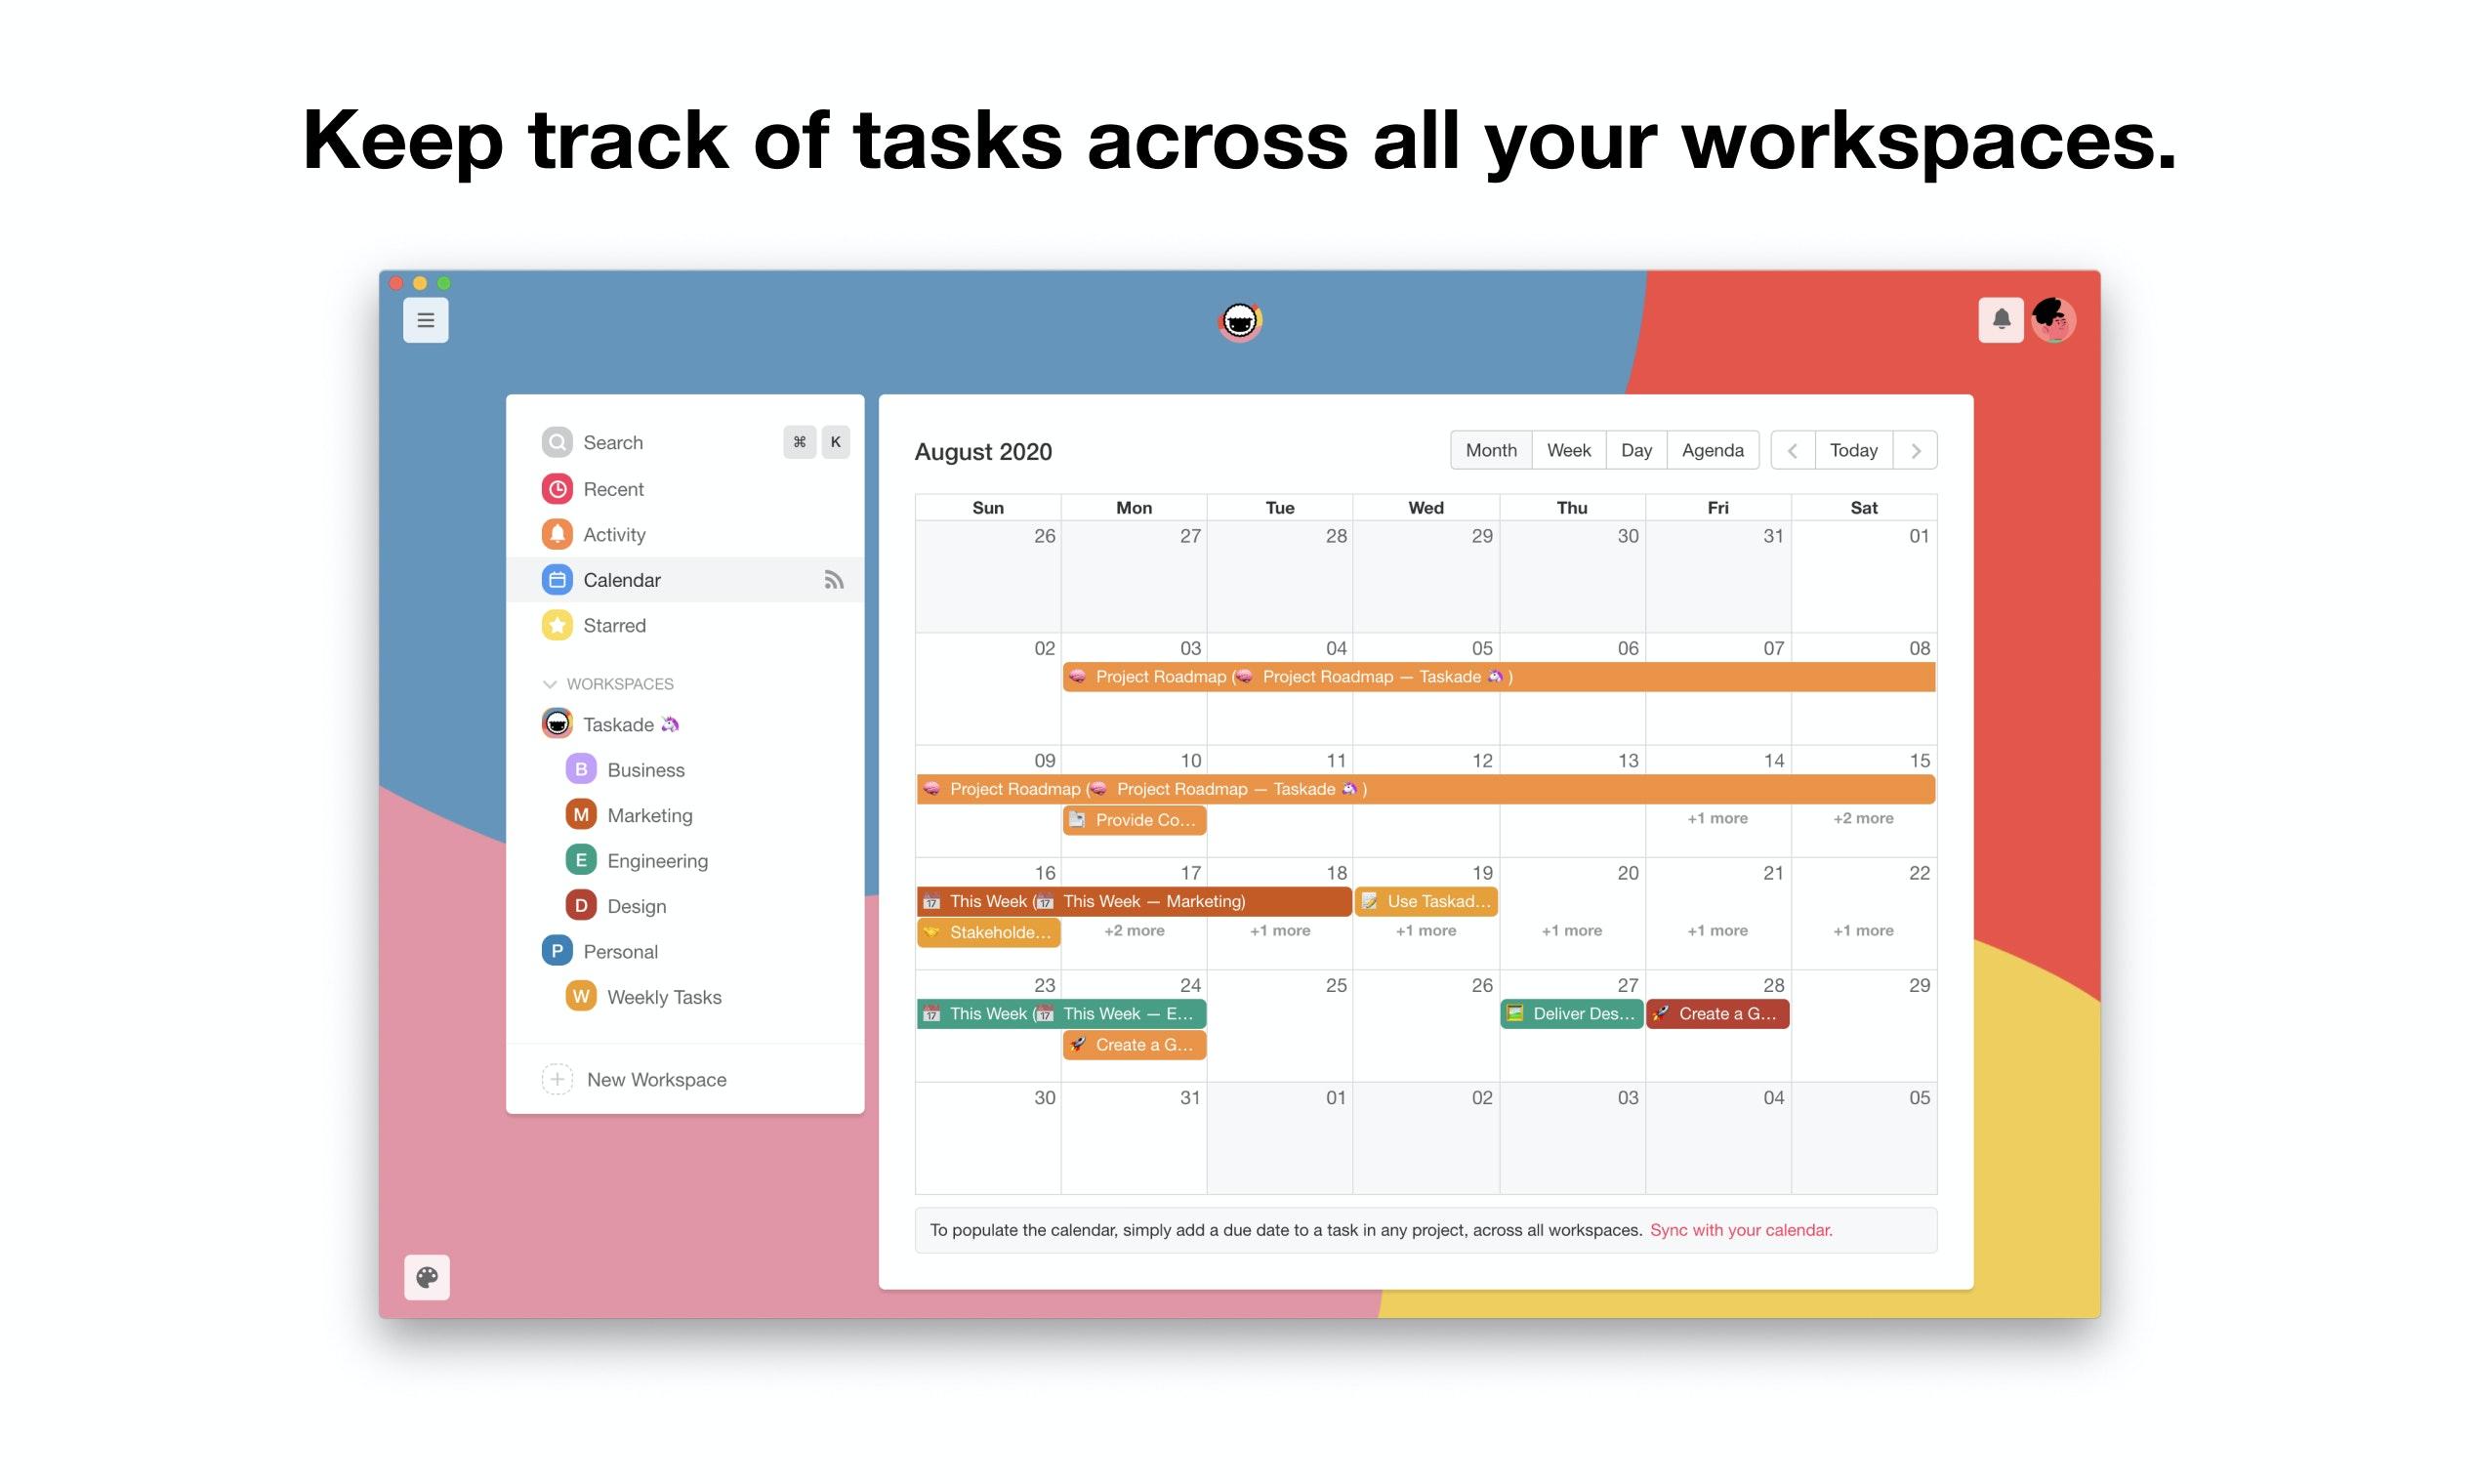 Taskade 3.0 Product Hunt Image